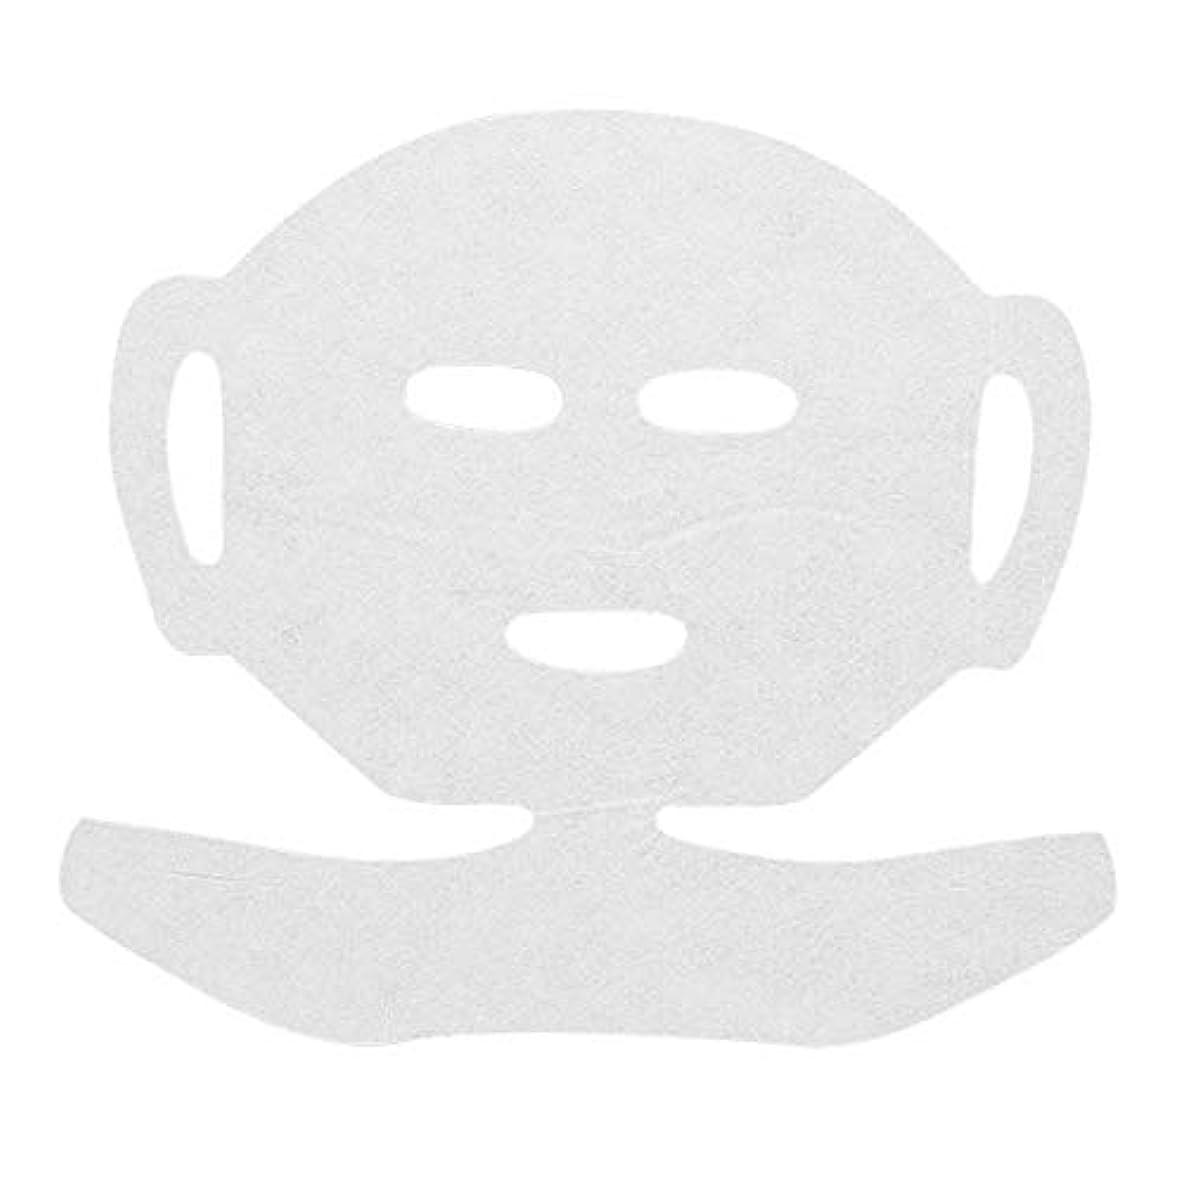 煙トラクター意志に反する高保水 フェイシャルシート (マスクタイプネック付き 化粧水無し) 80枚 29×20cm [ フェイスマスク フェイスシート フェイスパック フェイシャルマスク シートマスク フェイシャルシート フェイシャルパック ローションマスク...